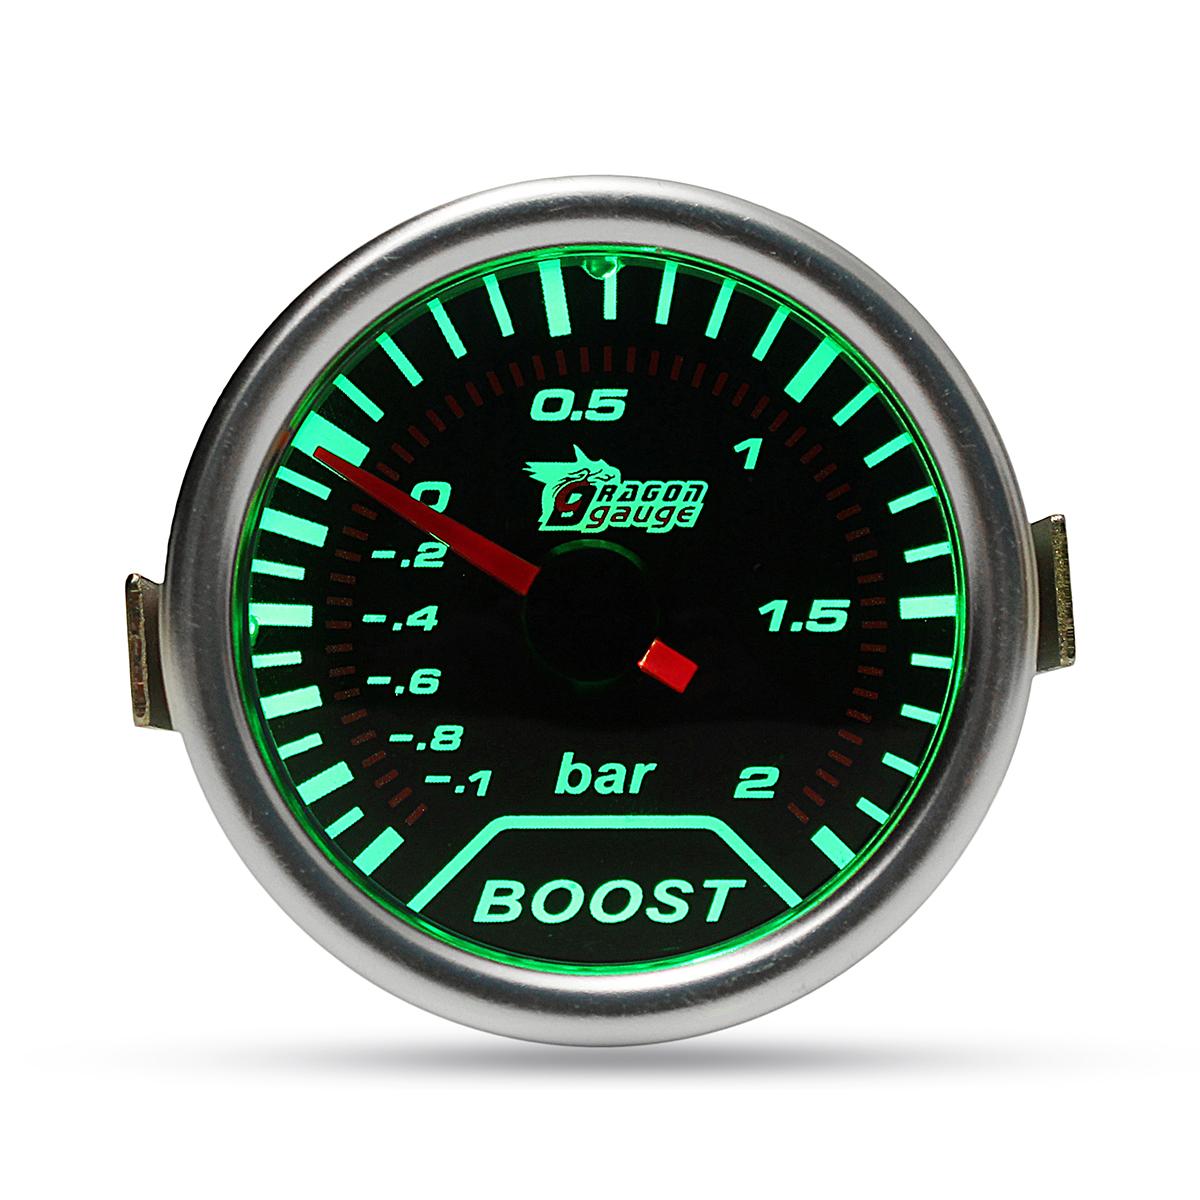 Хромированное кольцо 52 мм 2 дюймов Зеленый LED БАР Турбо манометр повышения давления Копченый циферблат Вакуумная труба